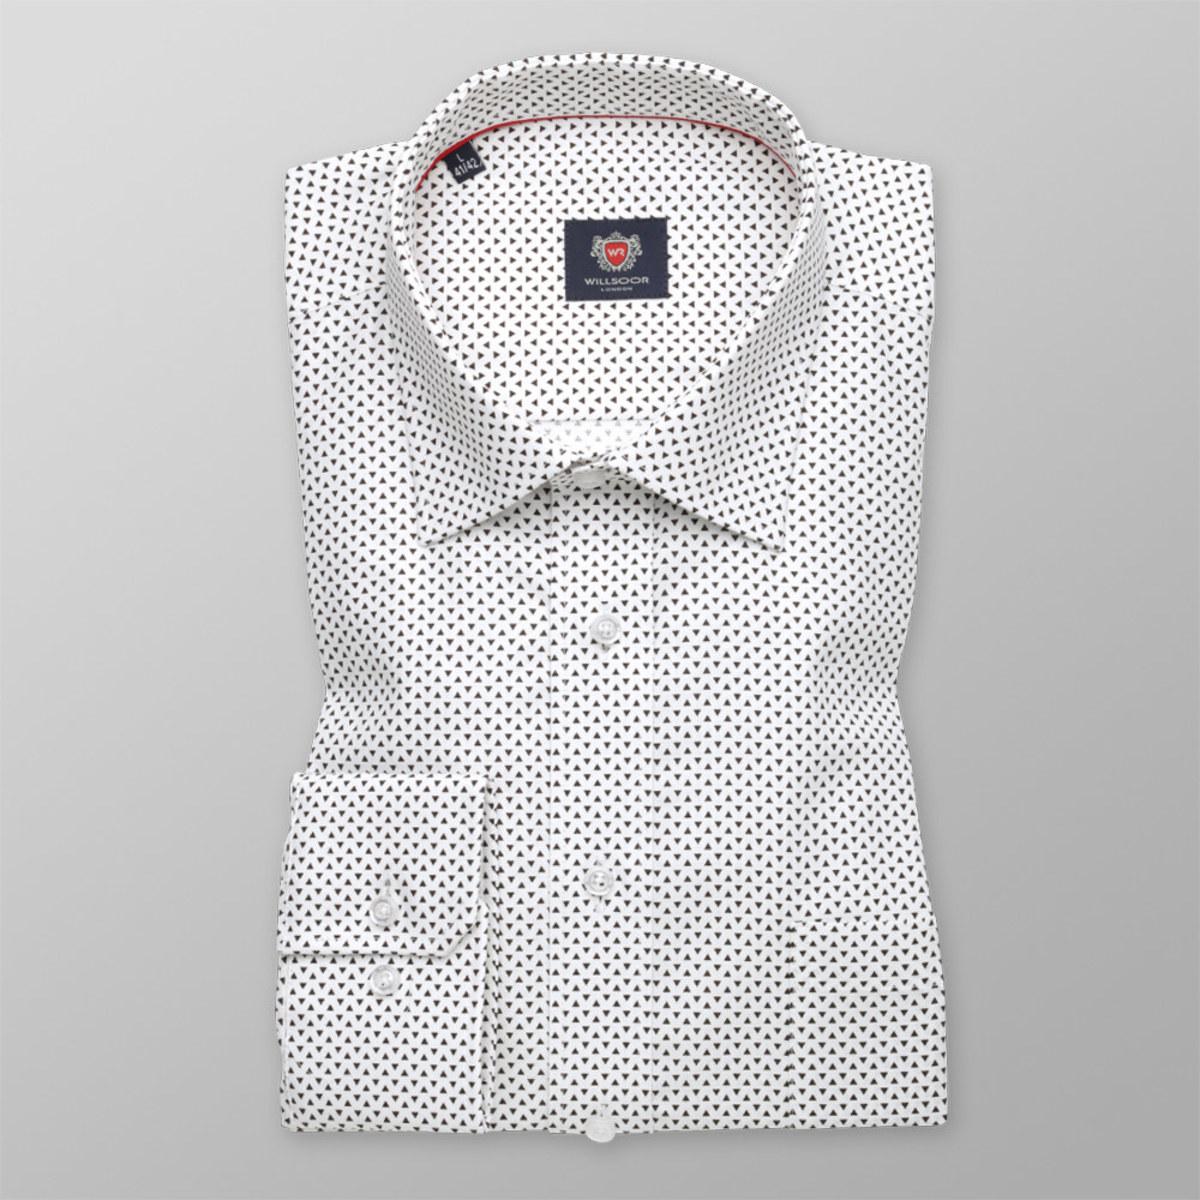 Košile London s potiskem trojúhelníků (výška 176-182) 10227 176-182 / M (39/40)